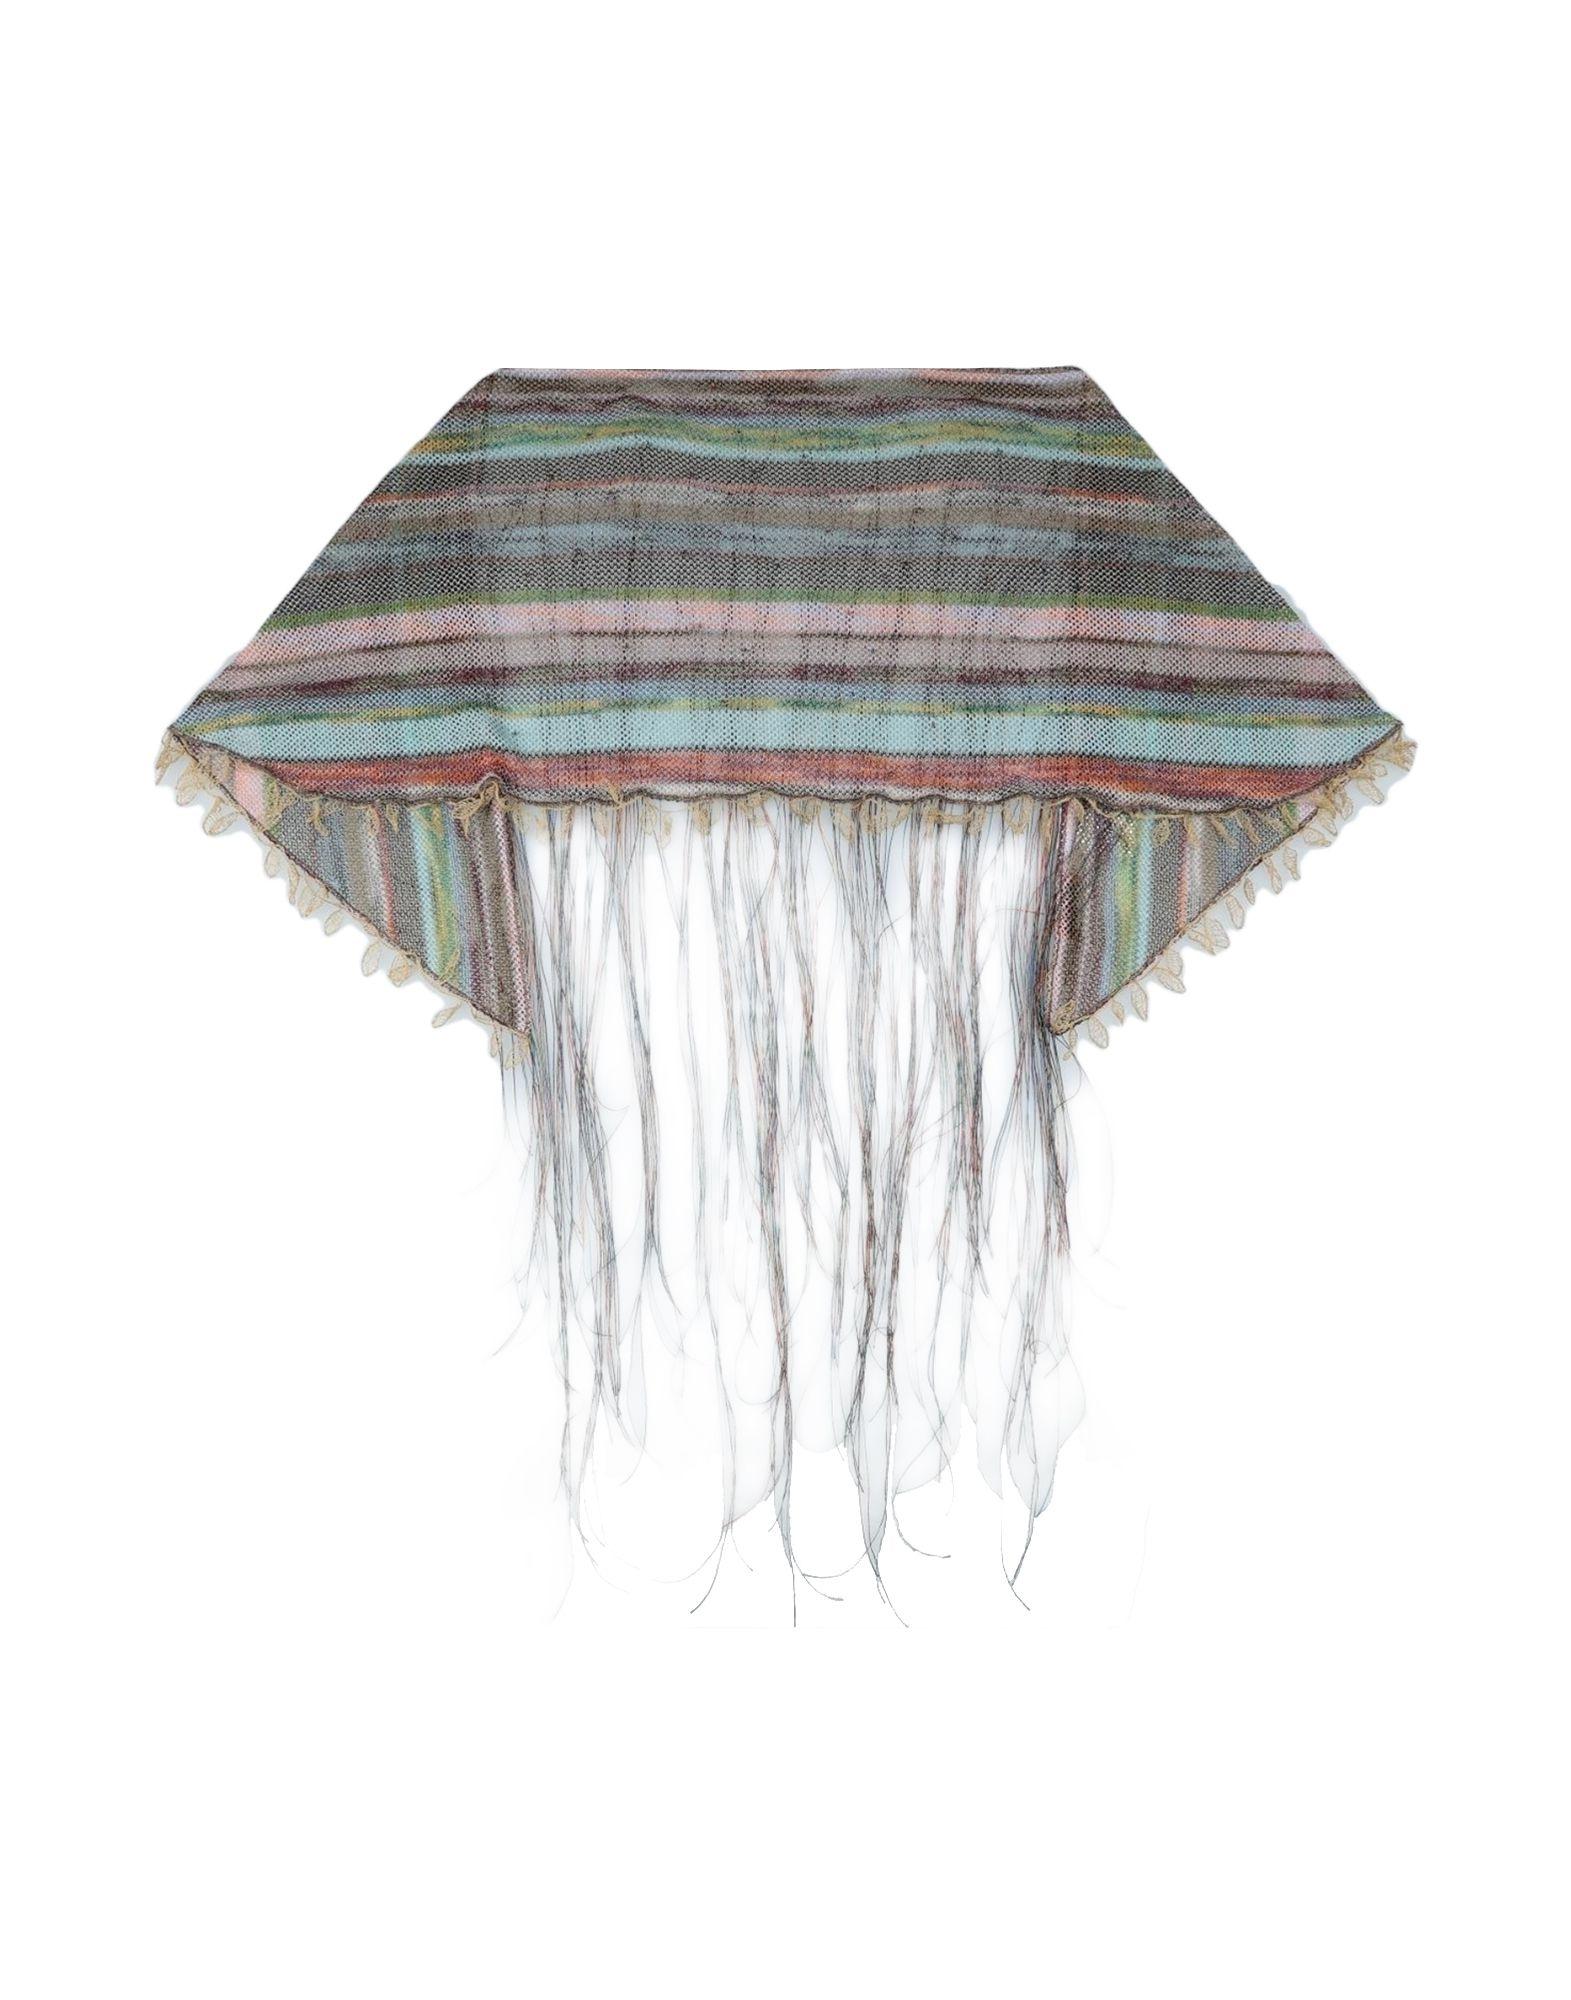 MISSONI Шаль павловопосадская шерстяная шаль с шелковой бахромой волшебный узор 148х148 см